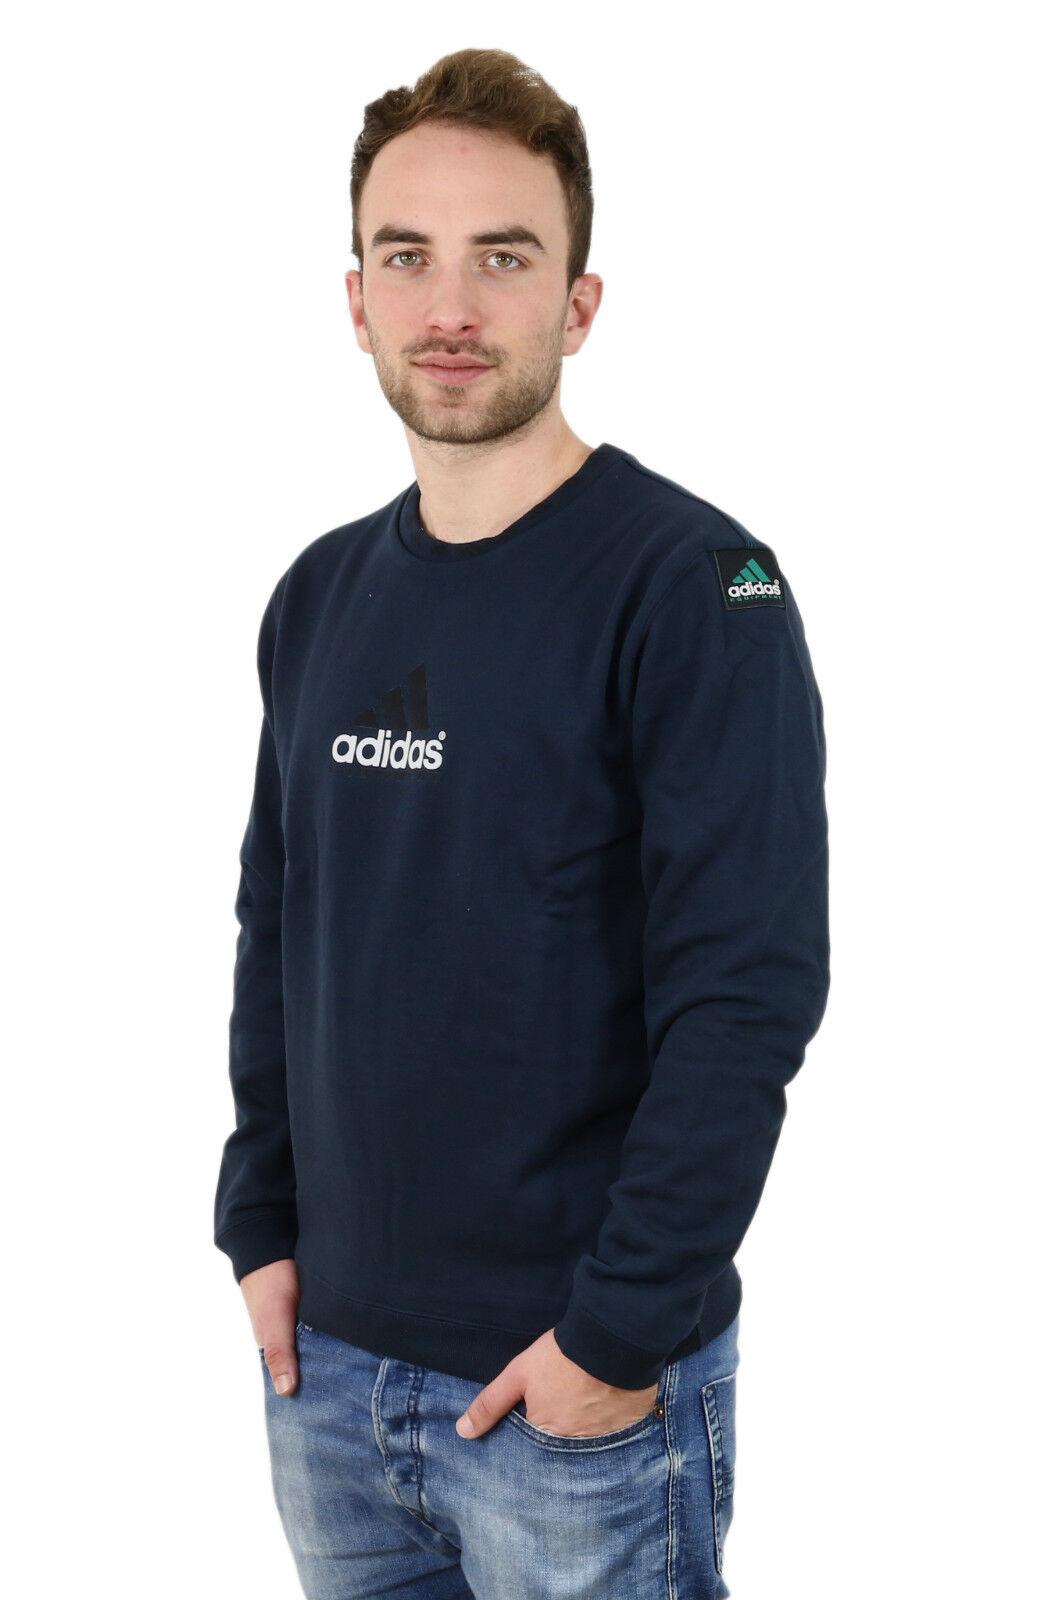 Adidas EQT Crew navy BK7666 - Pullover - Herren - dunkelblau +NEU+